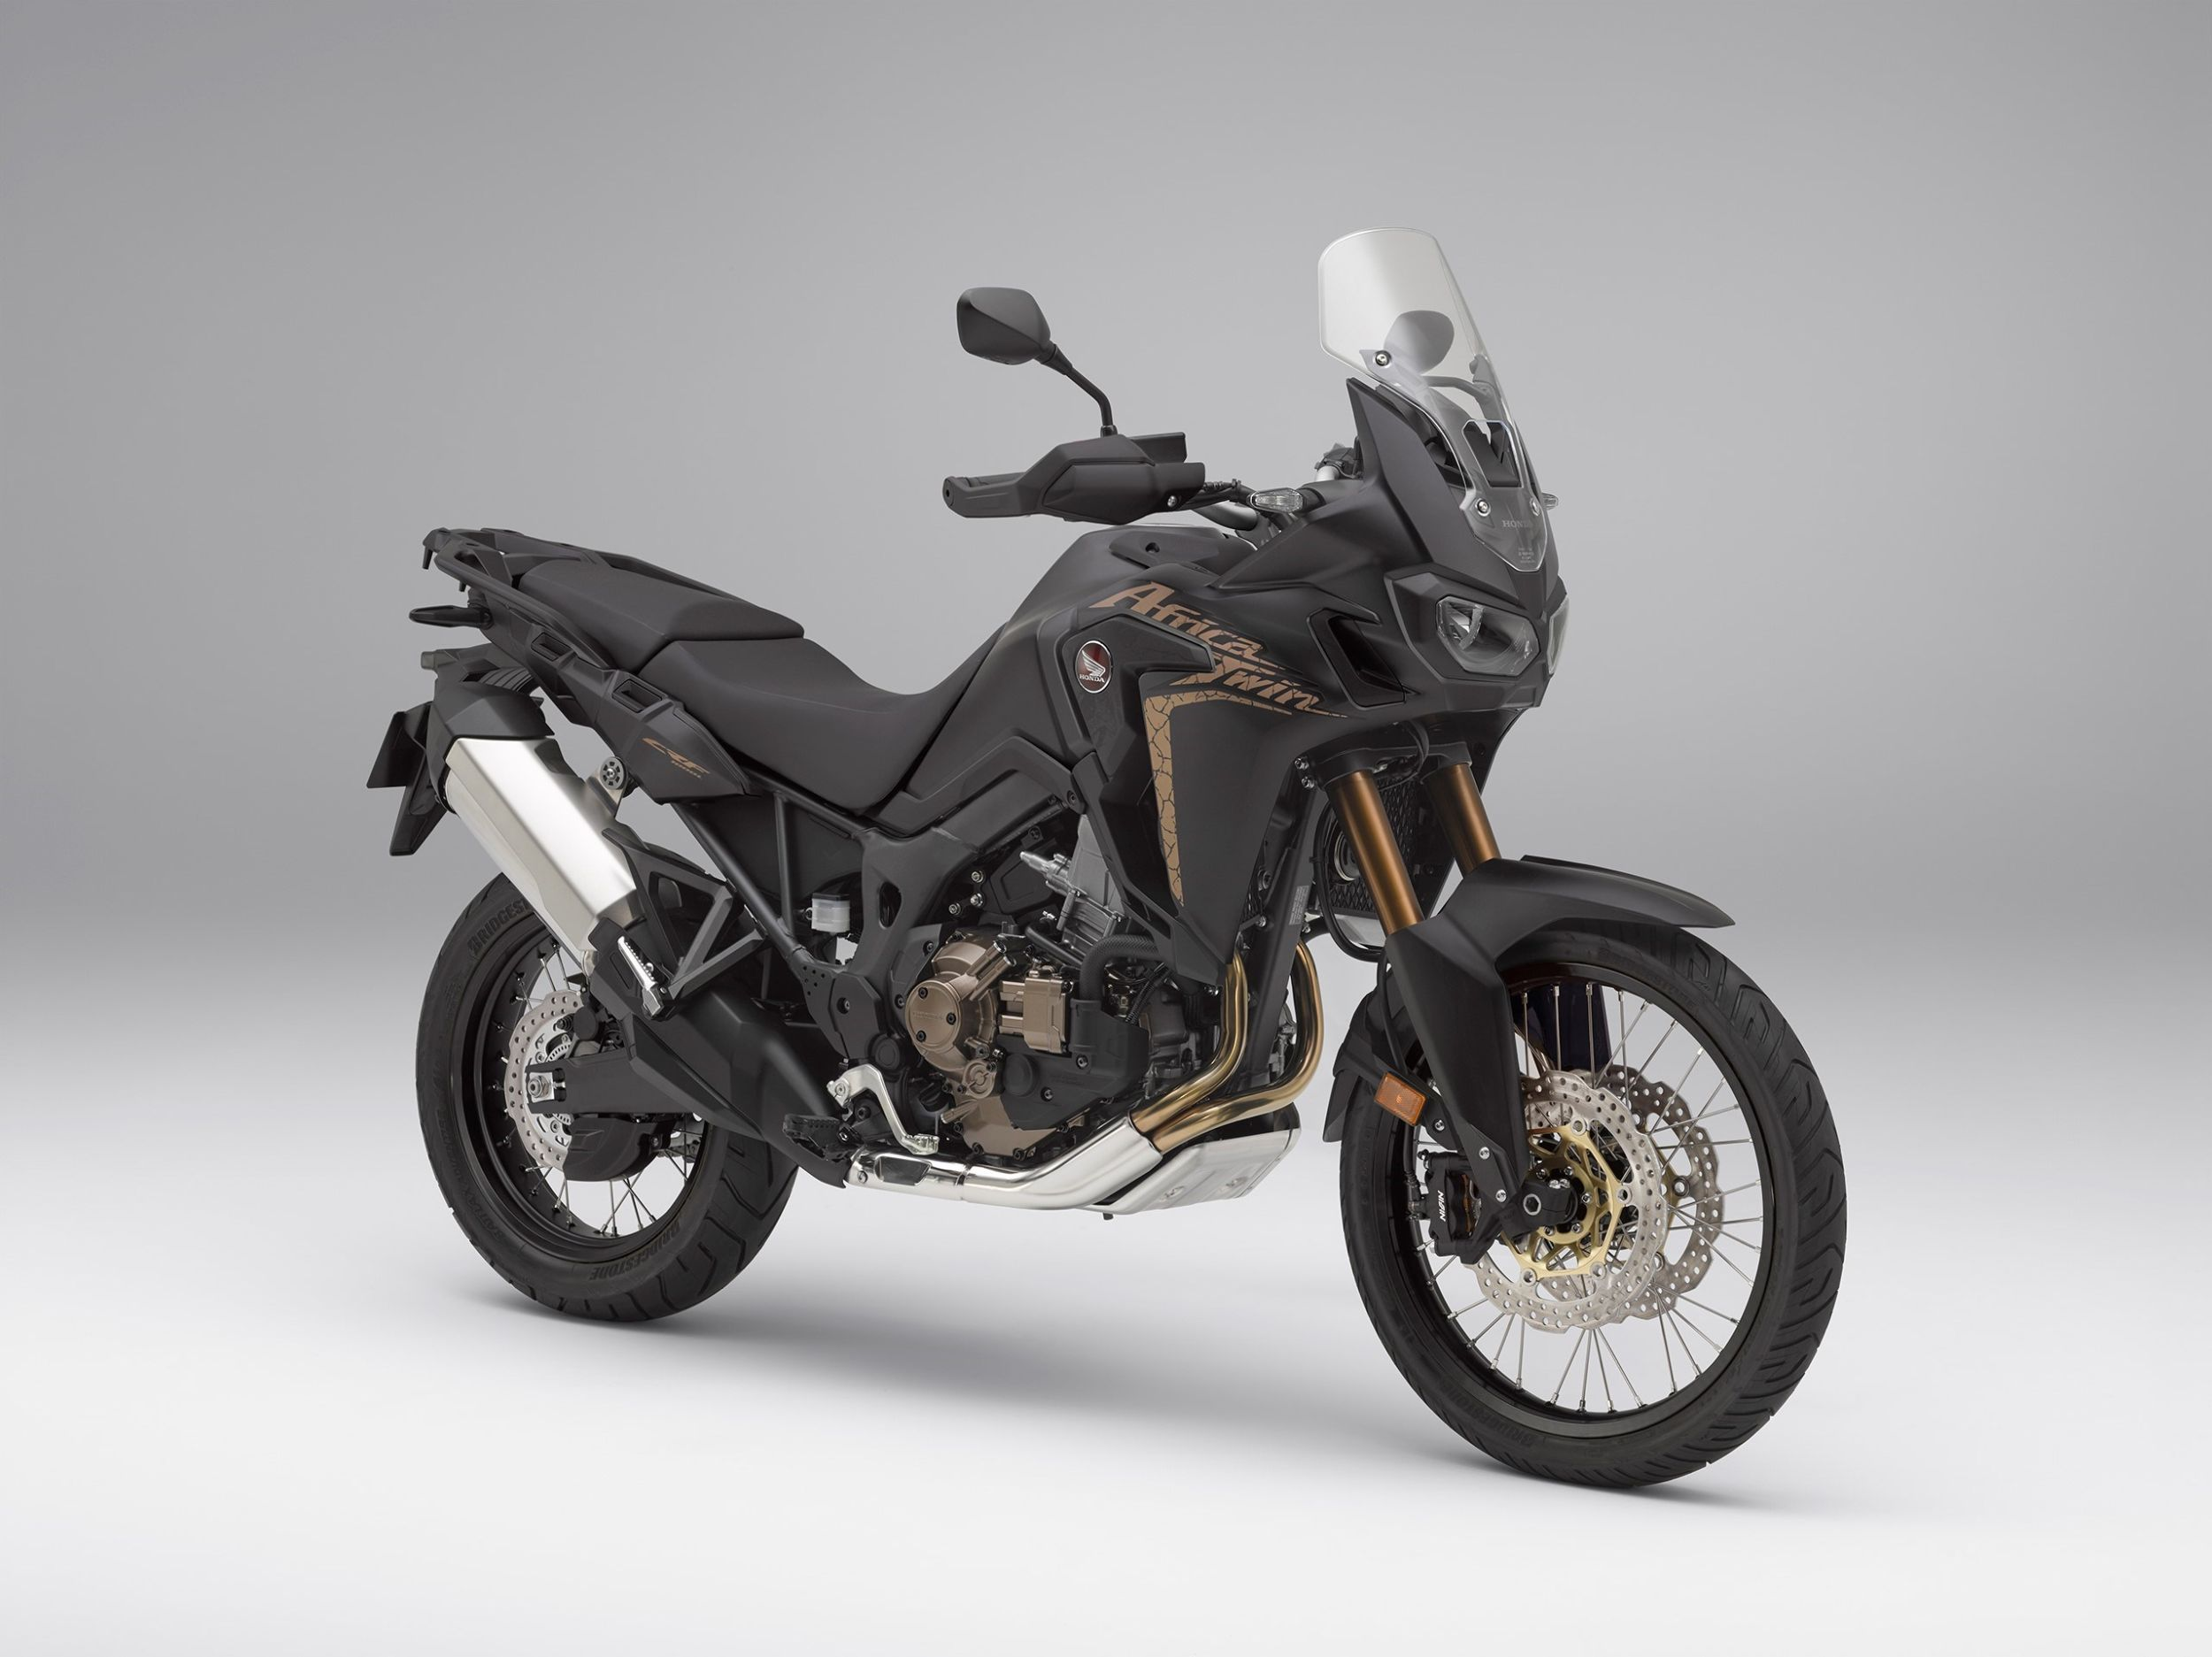 Gebrauchte und neue Honda CRF1000L Africa Twin Motorräder ...